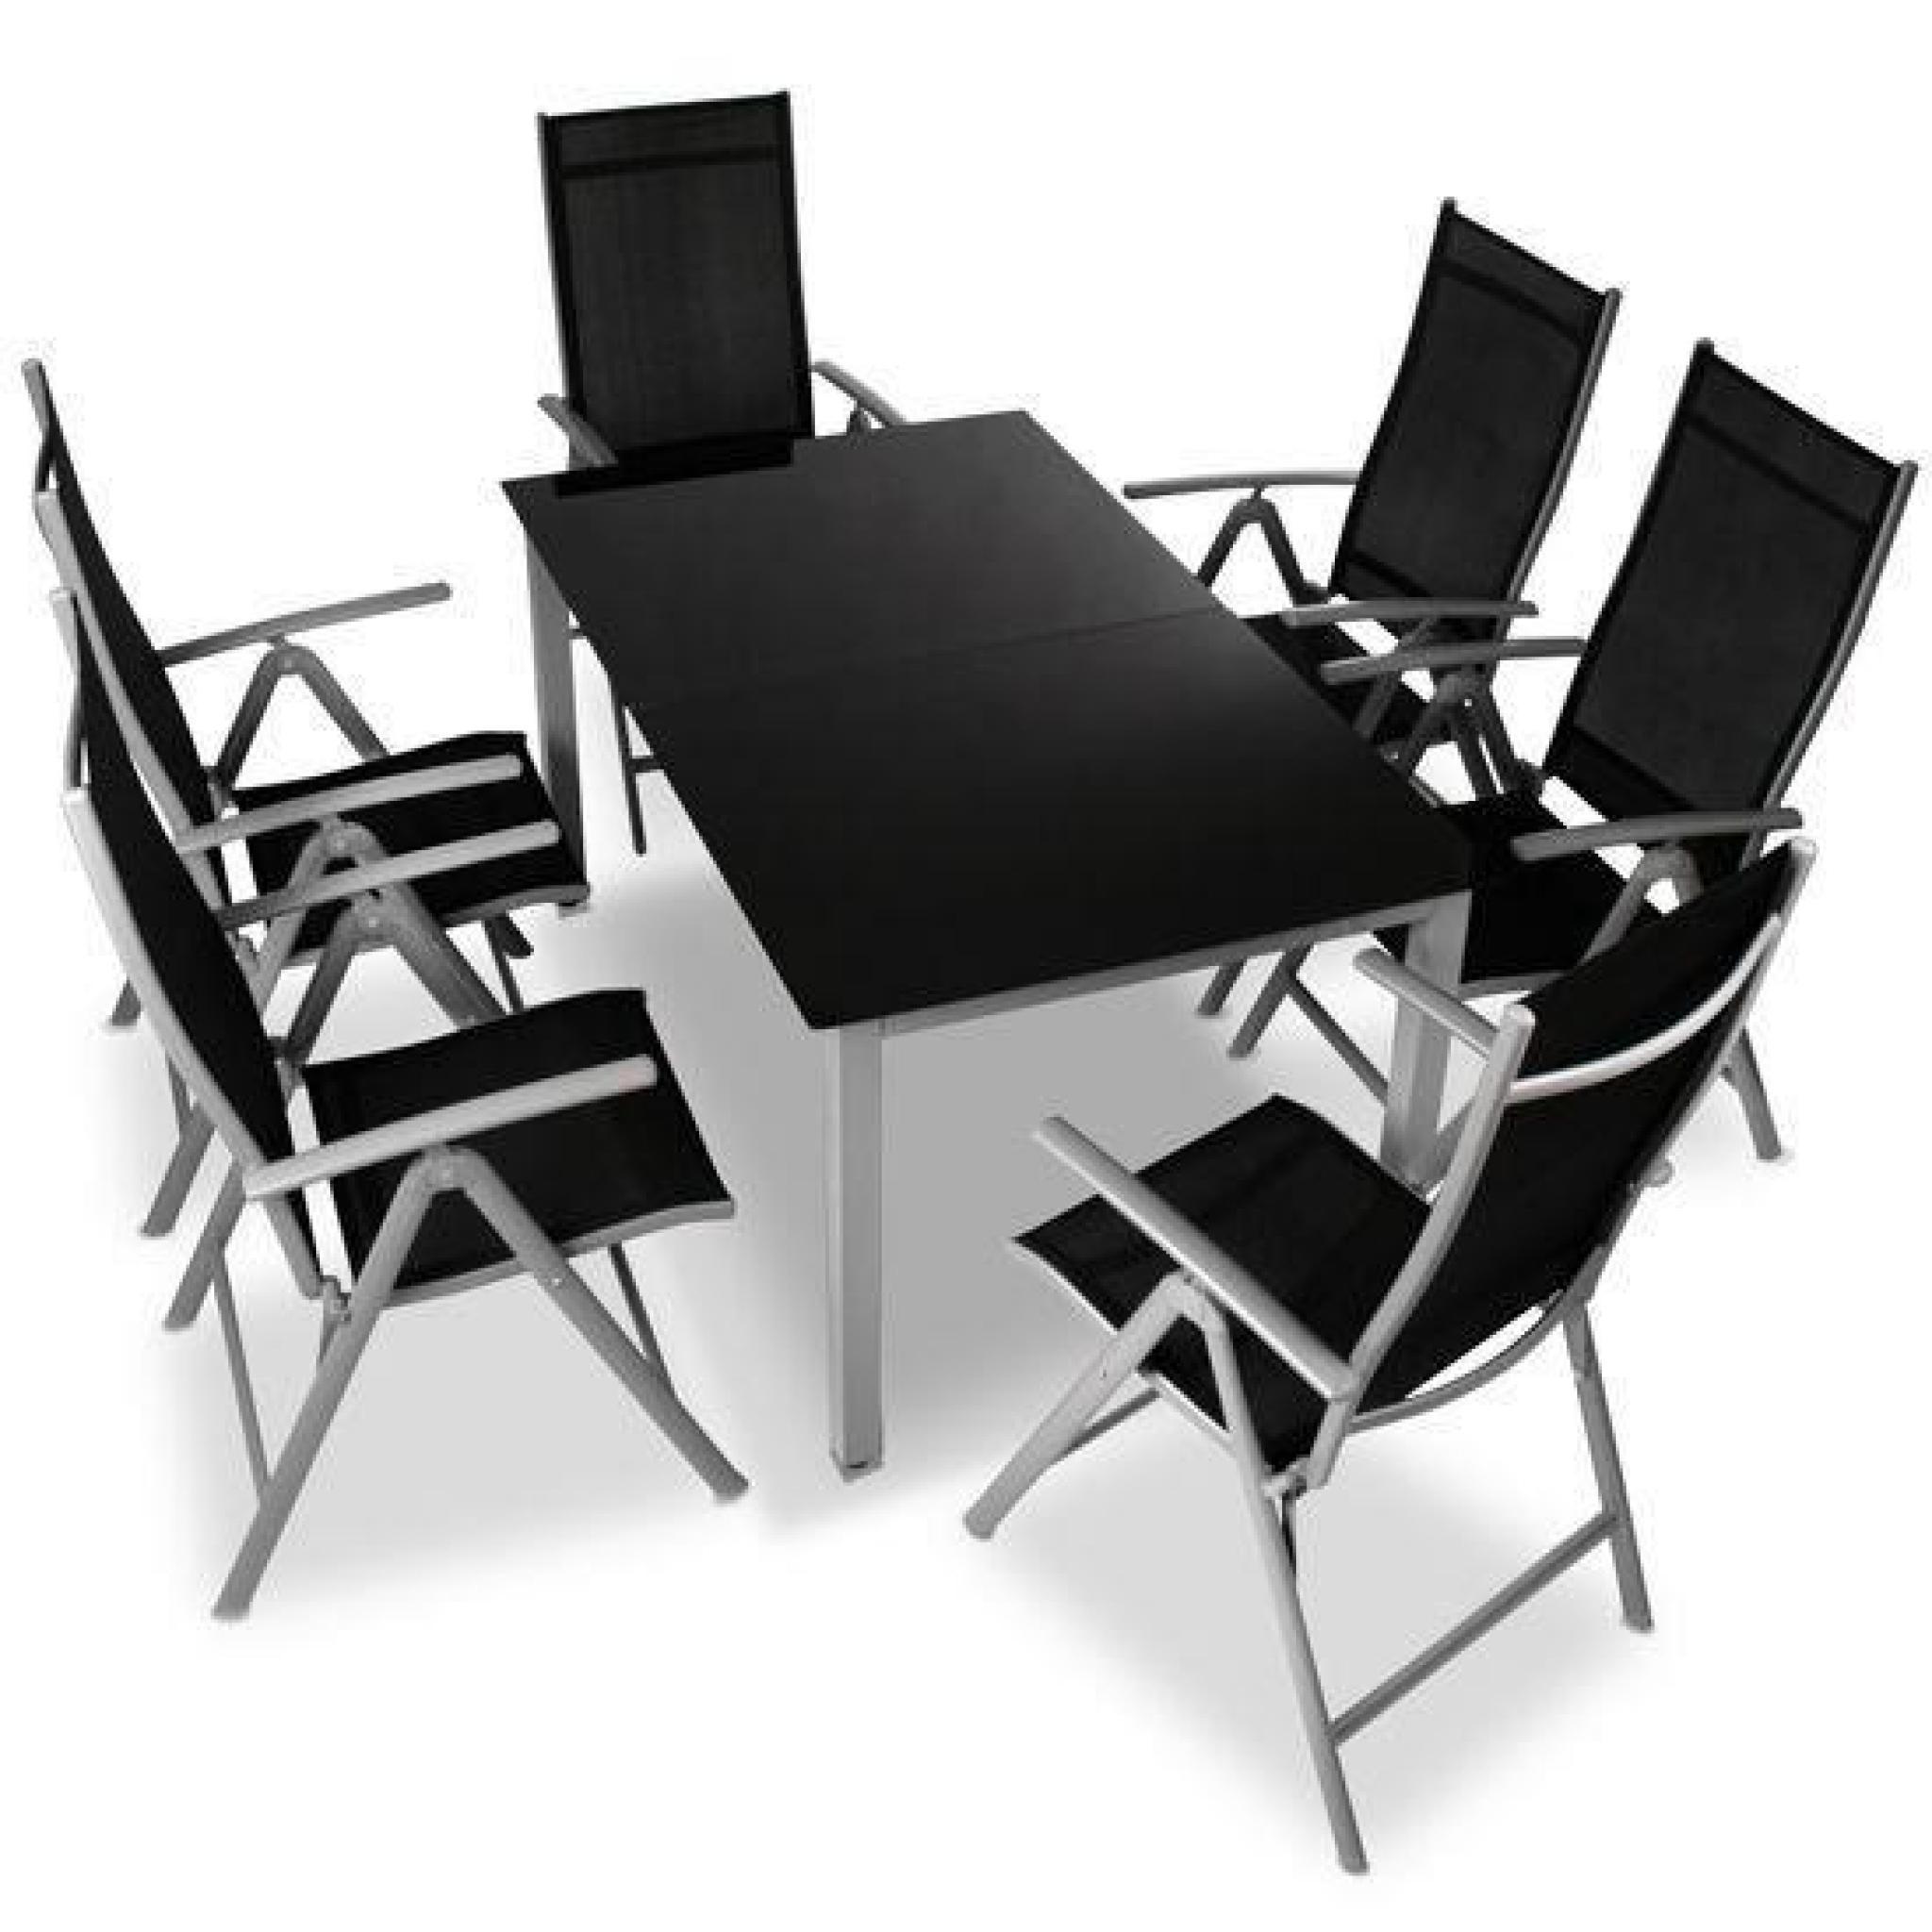 Table Chaises Jardin Aluminium destiné Table Et Chaise De Jardin En Aluminium